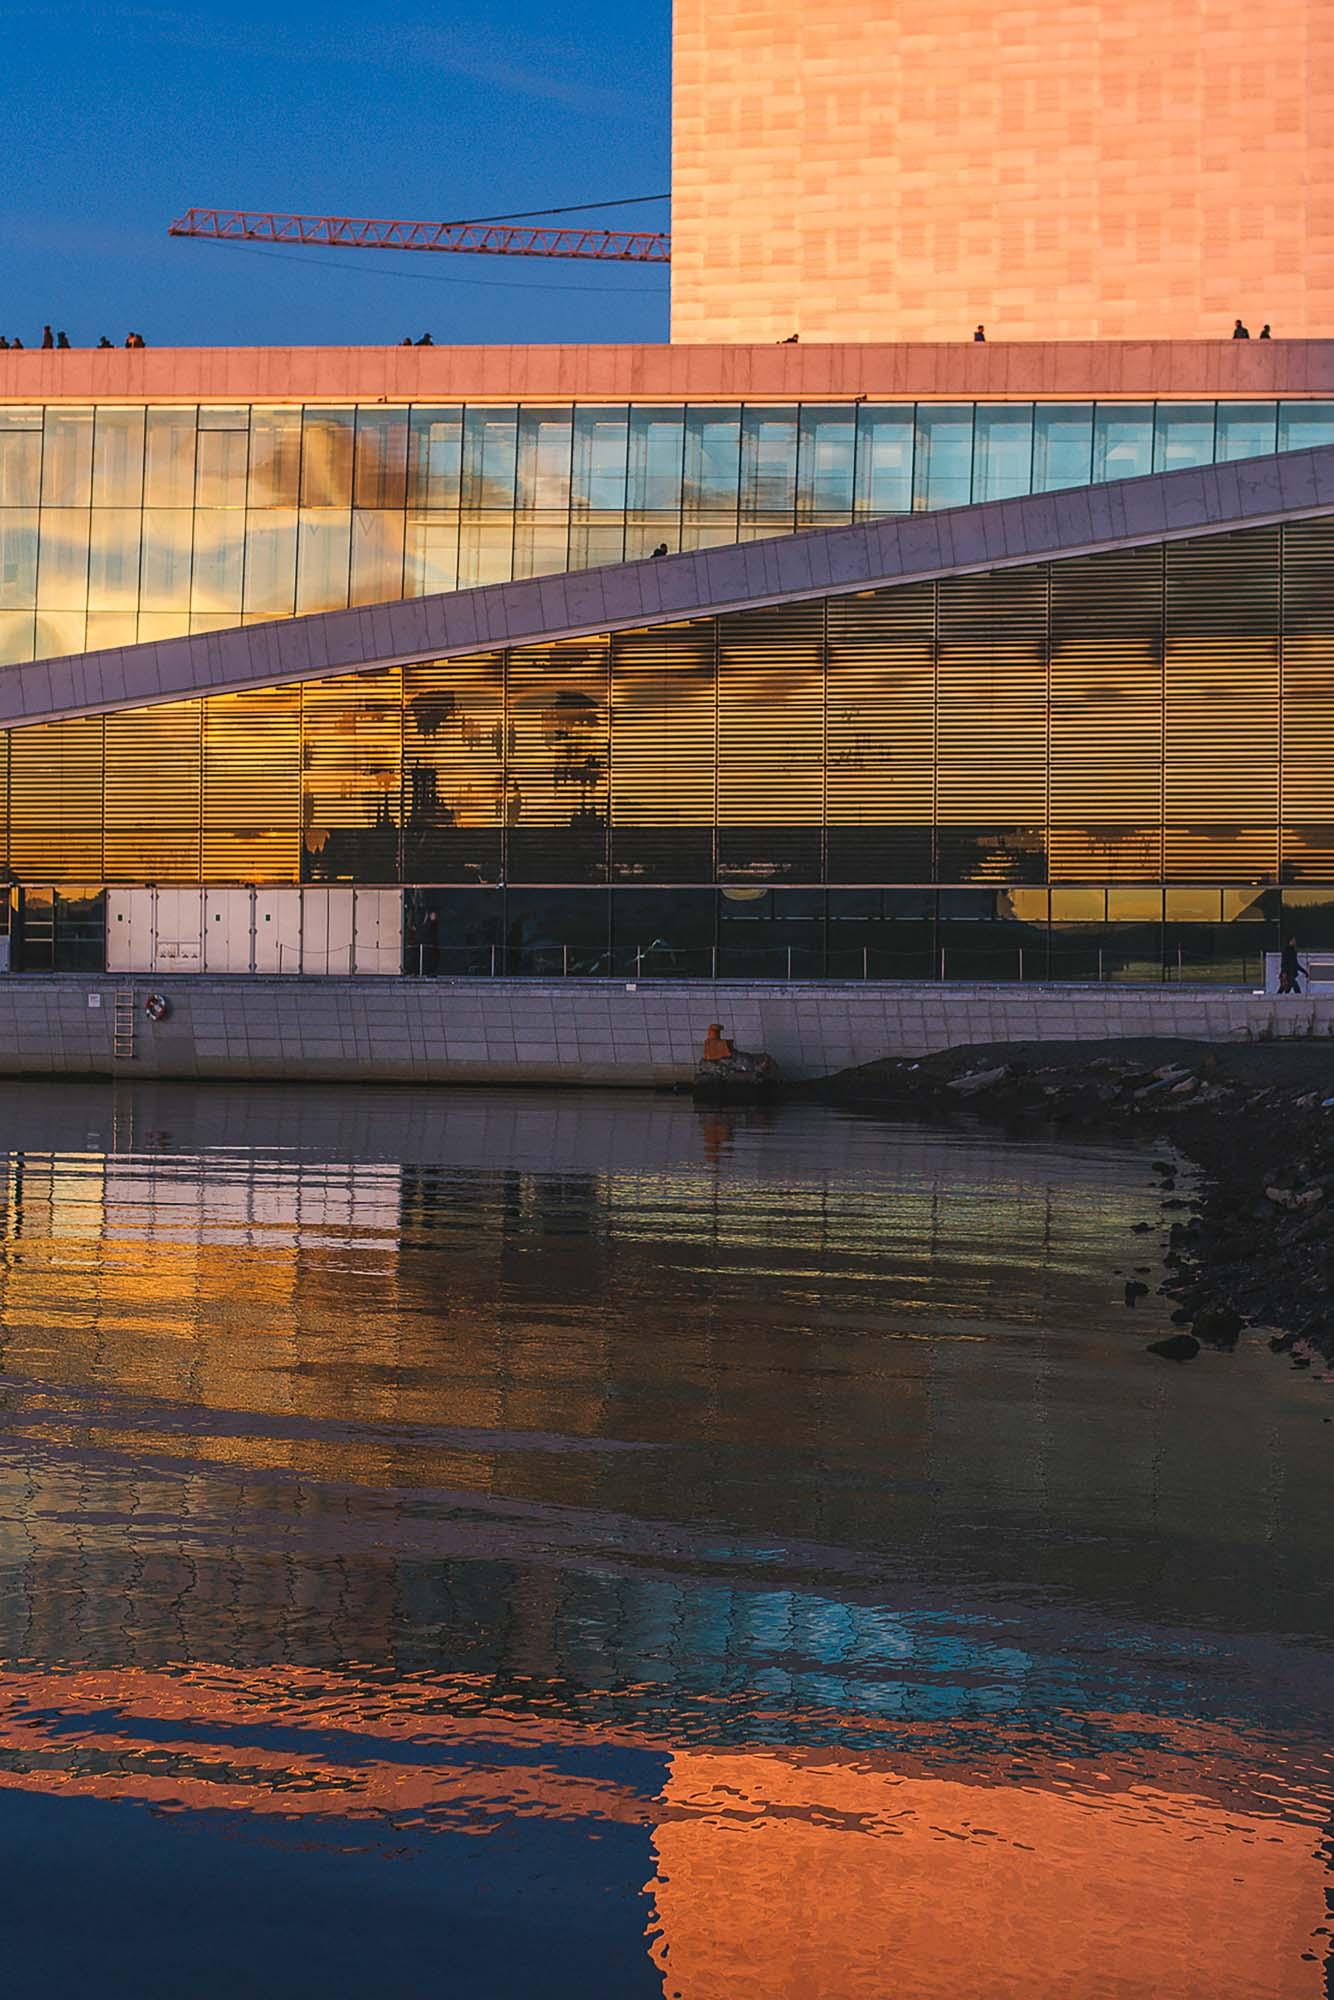 """""""The sun never knew how great it was until it hit the side of a building."""" - Louis Khan Bildet er tatt i Bjørvika i Oslo på senhøsten 2017, rett etter solnedgangen. Operahuset er veldig inspirerende å fotografere, særlig for dem som lar seg fascinere av arkitektur, rene linjer og symmetri."""